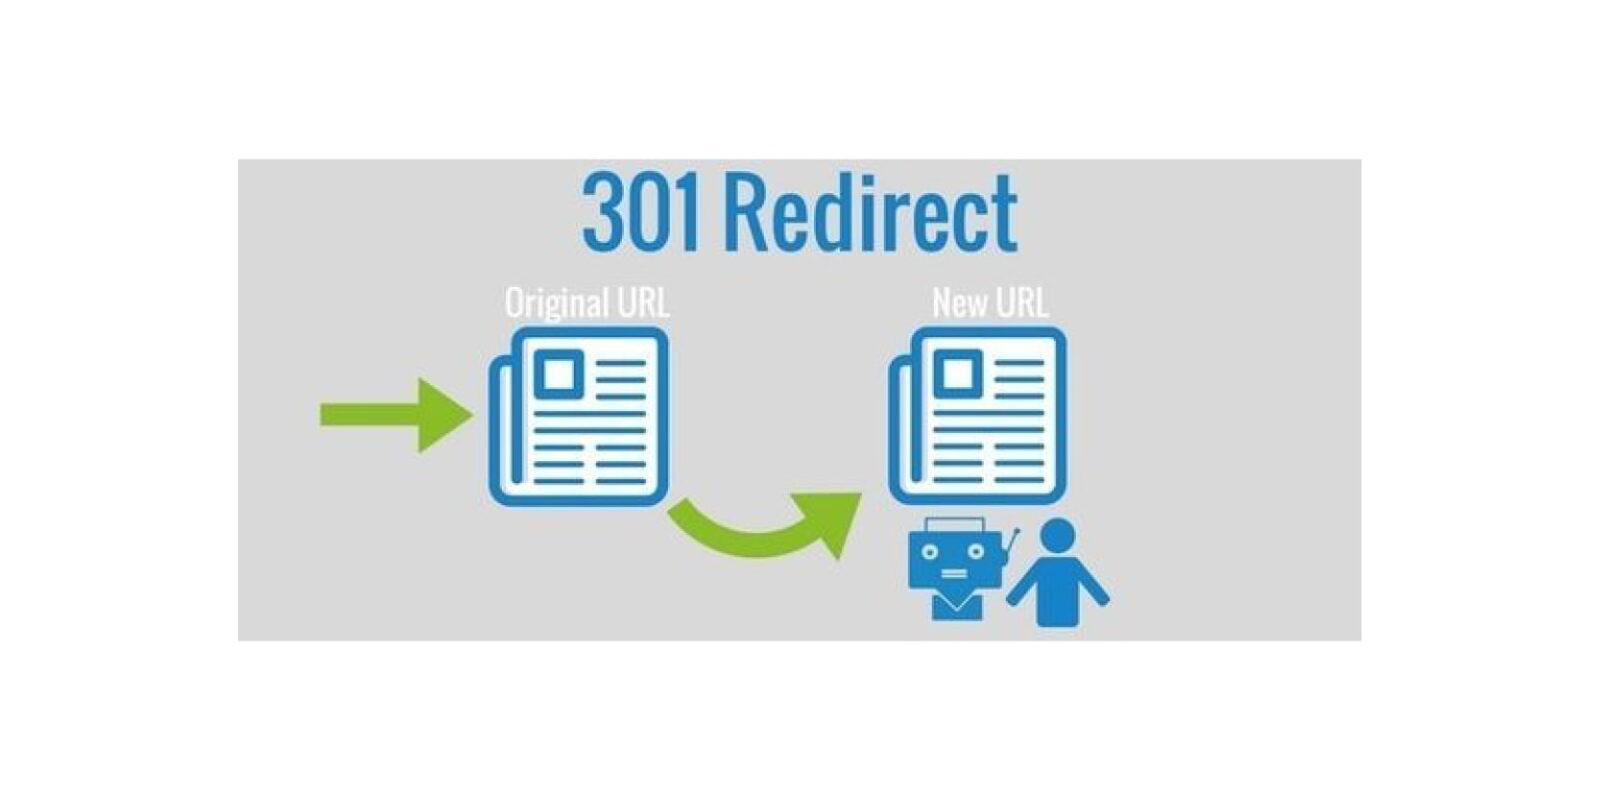 faire des redirections 301 pour éviter le duplicate content et optimiser le référencement SEO de son site par c com'créa